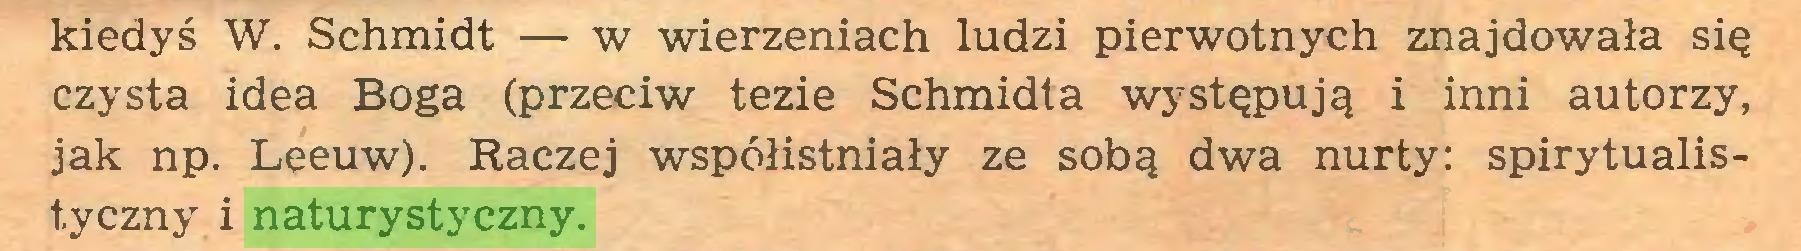 (...) kiedyś W. Schmidt — w wierzeniach ludzi pierwotnych znajdowała się czysta idea Boga (przeciw tezie Schmidta występują i inni autorzy, jak np. Leeuw). Raczej współistniały ze sobą dwa nurty: spirytualistyczny i naturystyczny...